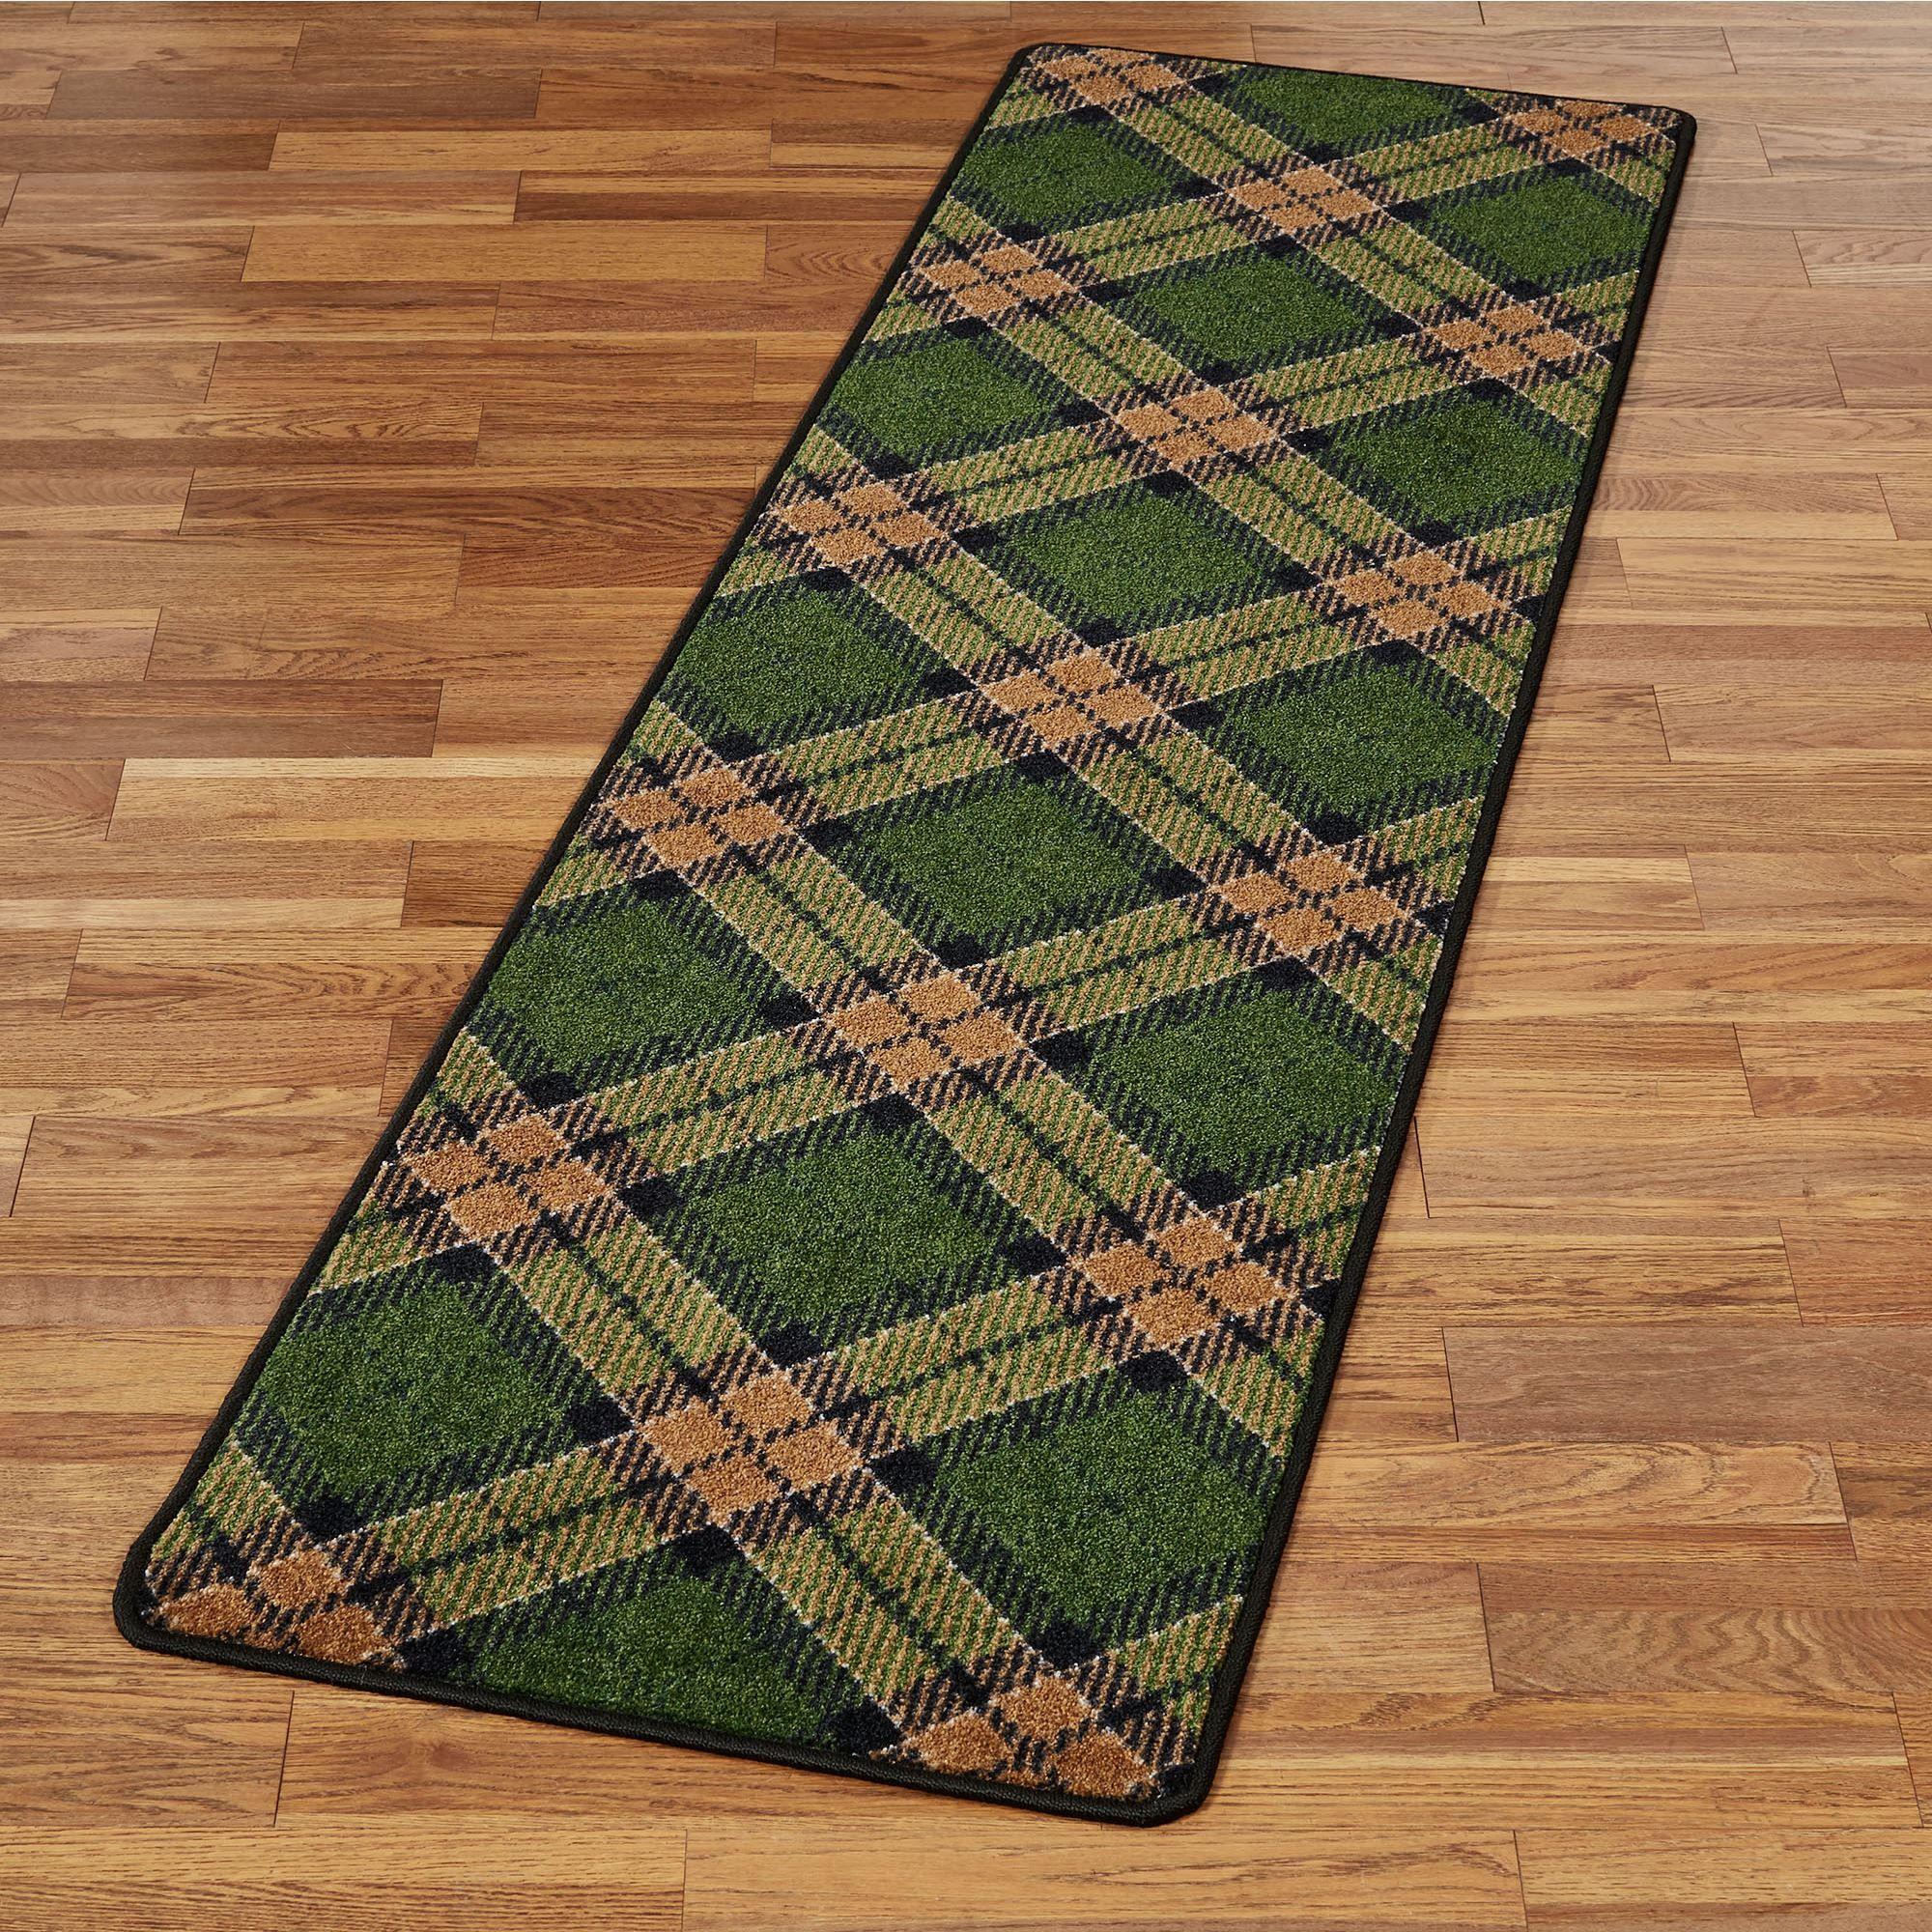 Milliken Carpets Christmas Plaid Rug Runner